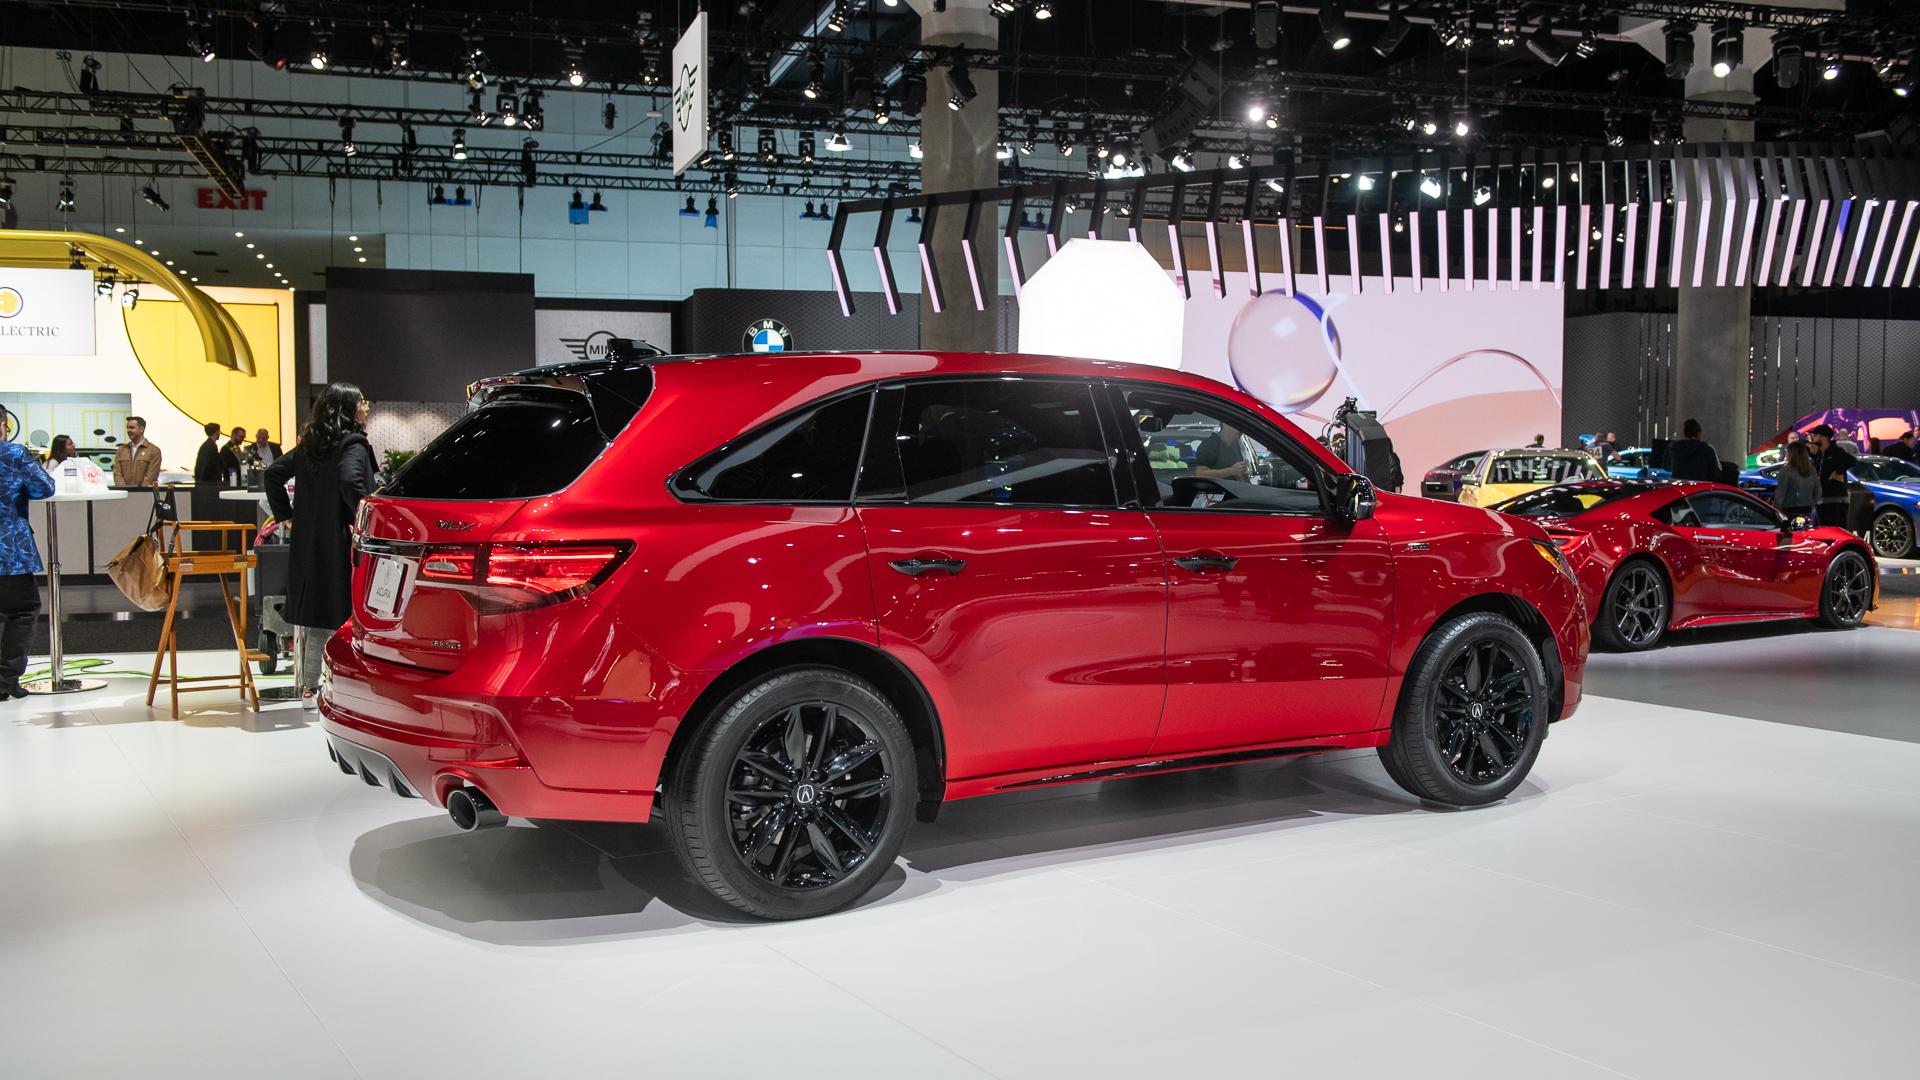 2020 Acura MDX PMC